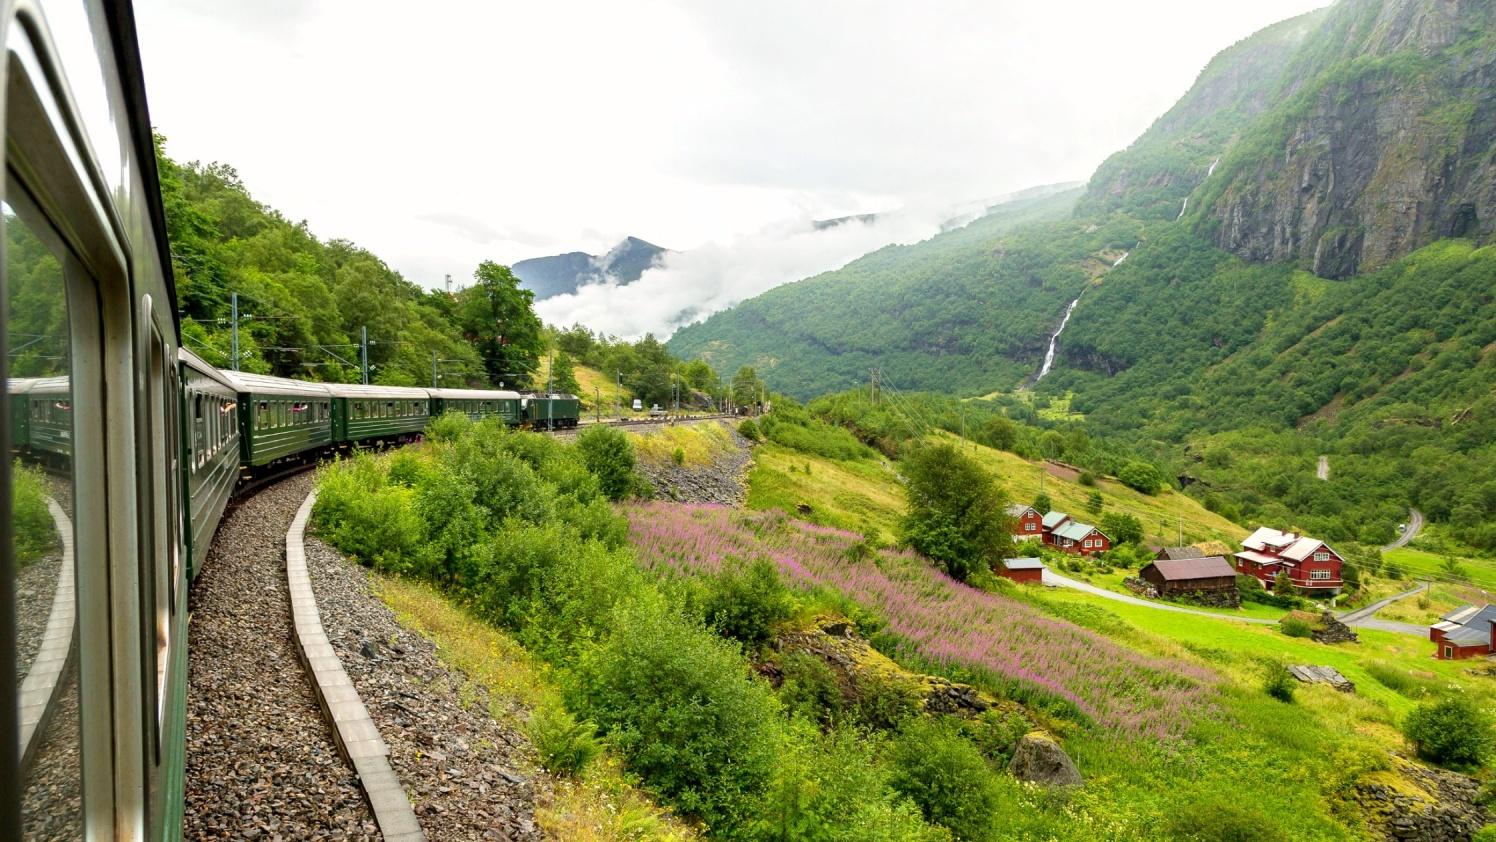 Flamsbana Train Connection